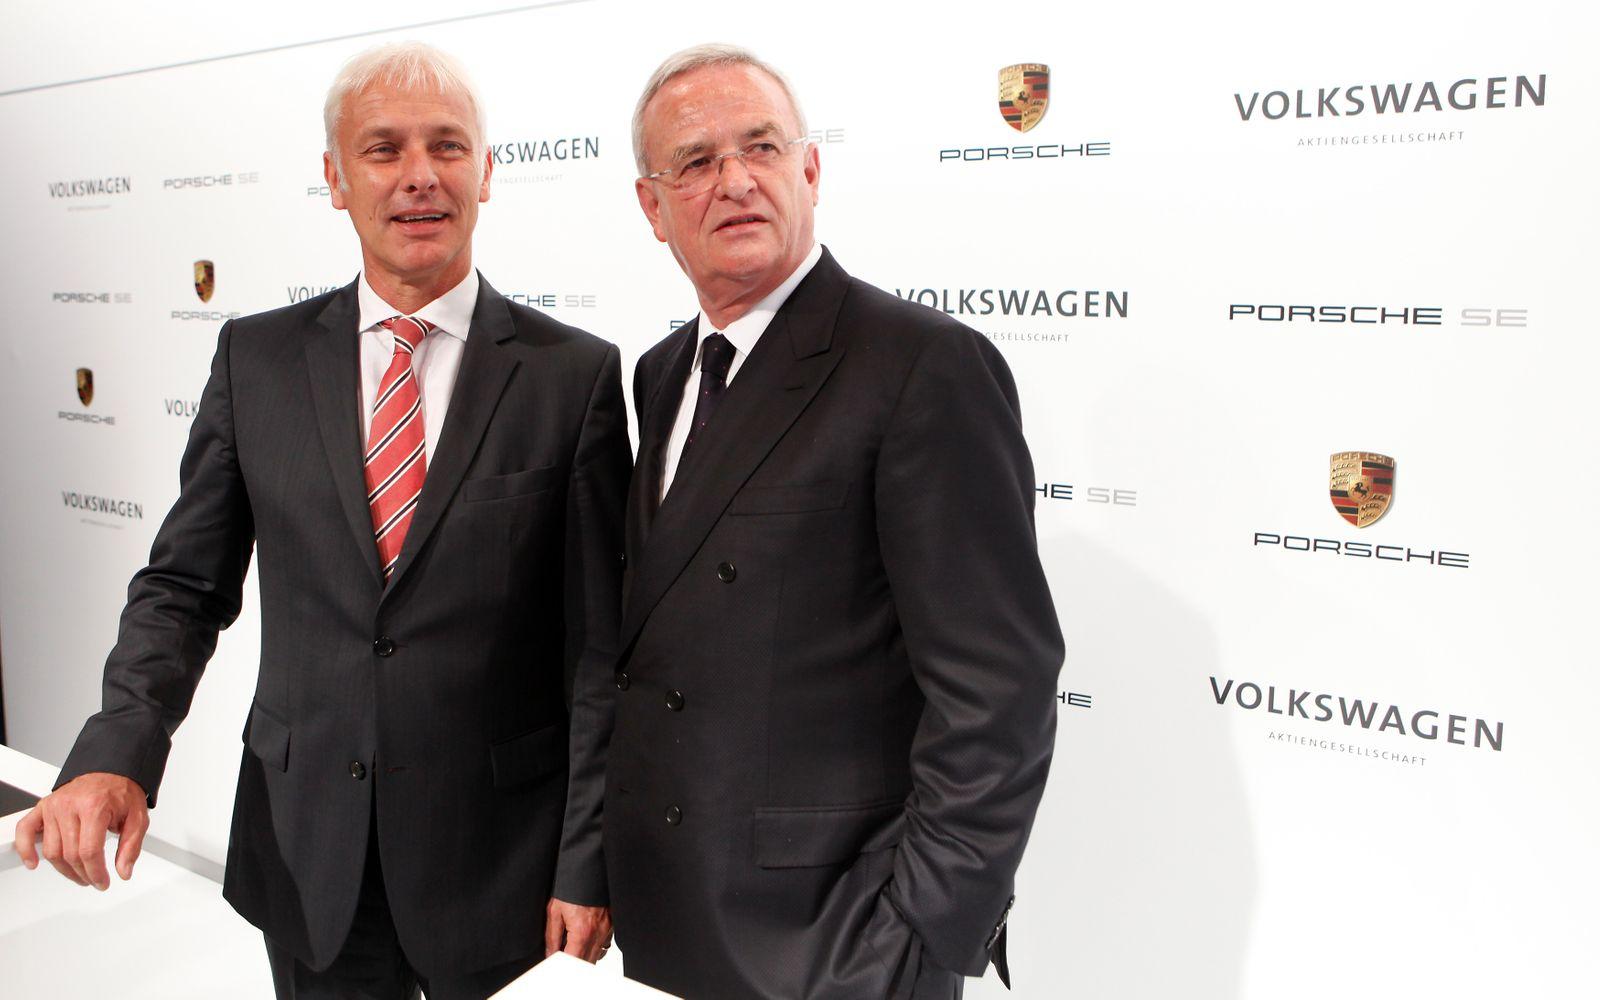 NICHT VERWENDEN Matthias Mueller / Martin Winterkorn